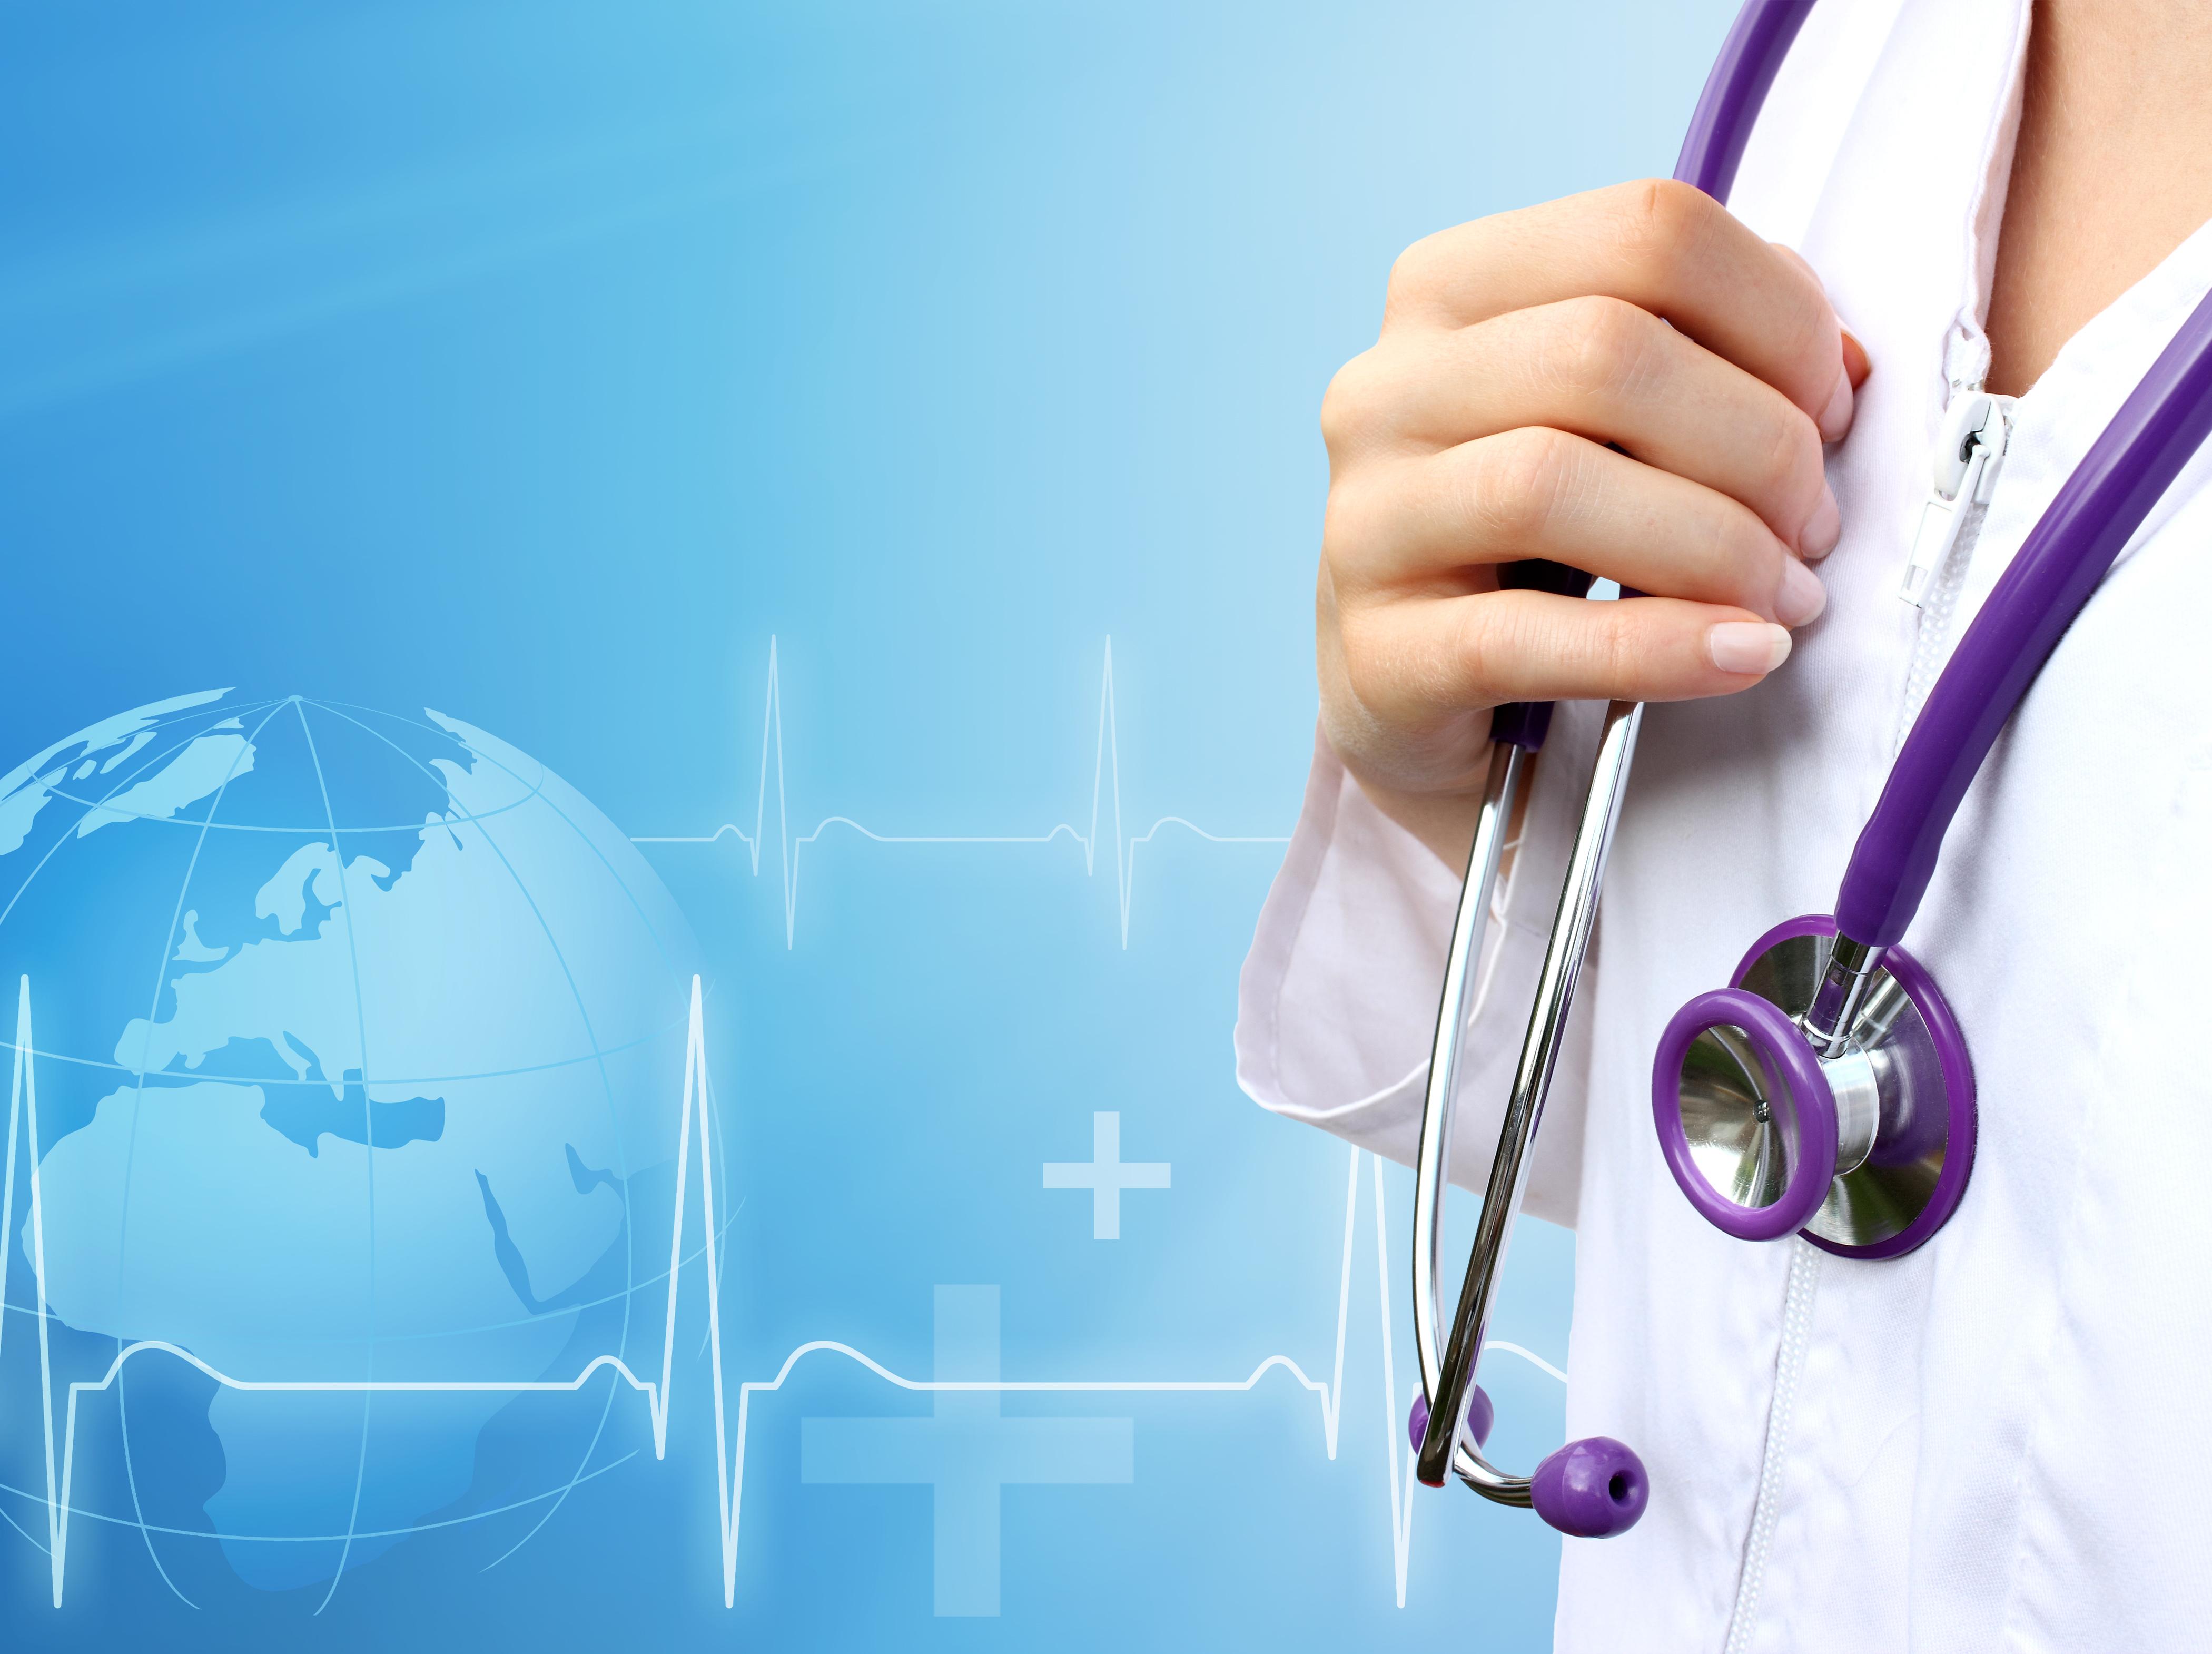 medicaldevicecourses.com